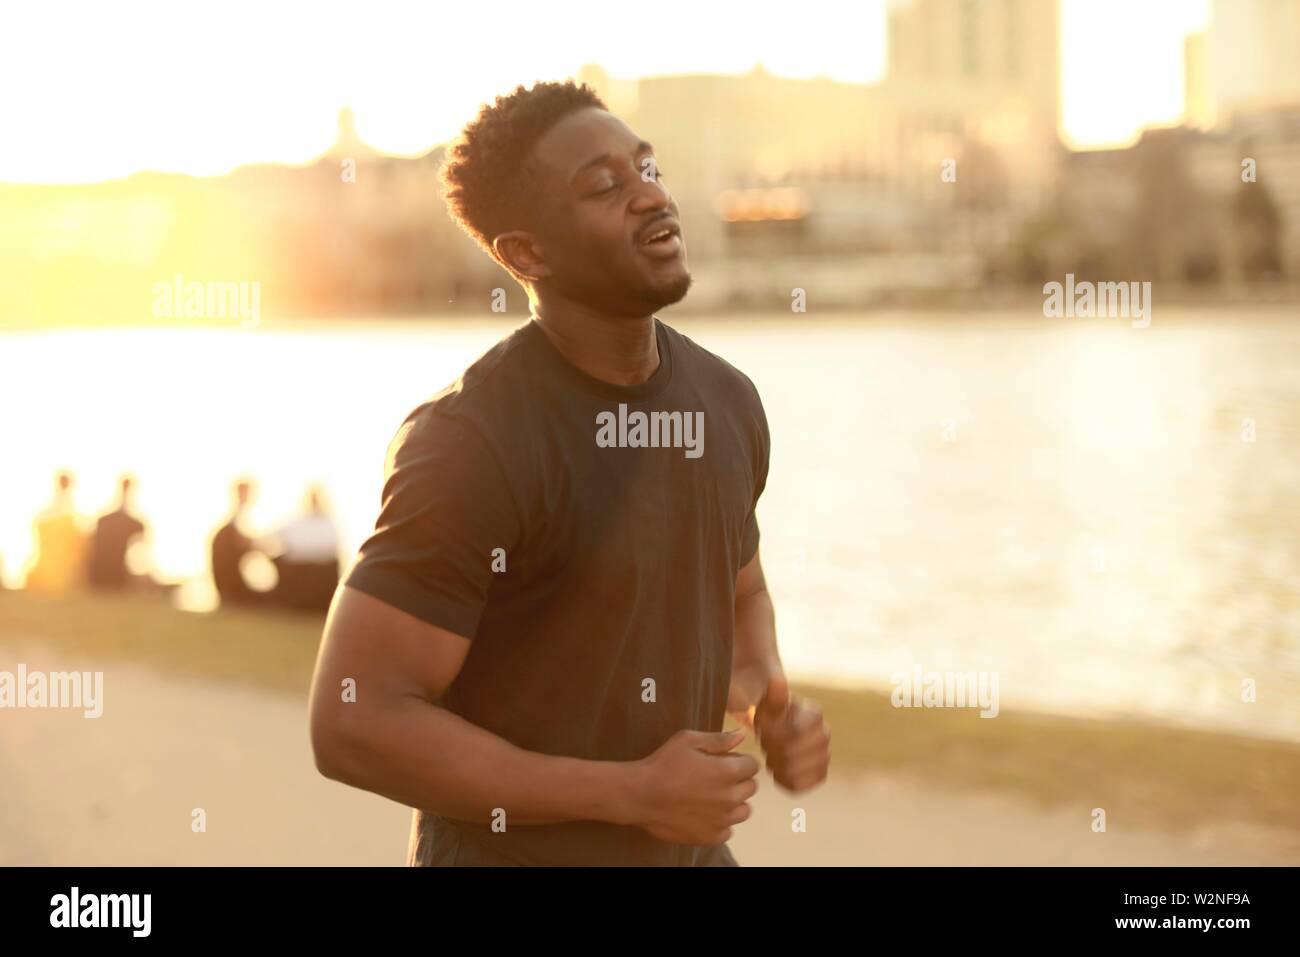 African man jogging à côté de la rivière Main, à Francfort, Allemagne. Banque D'Images